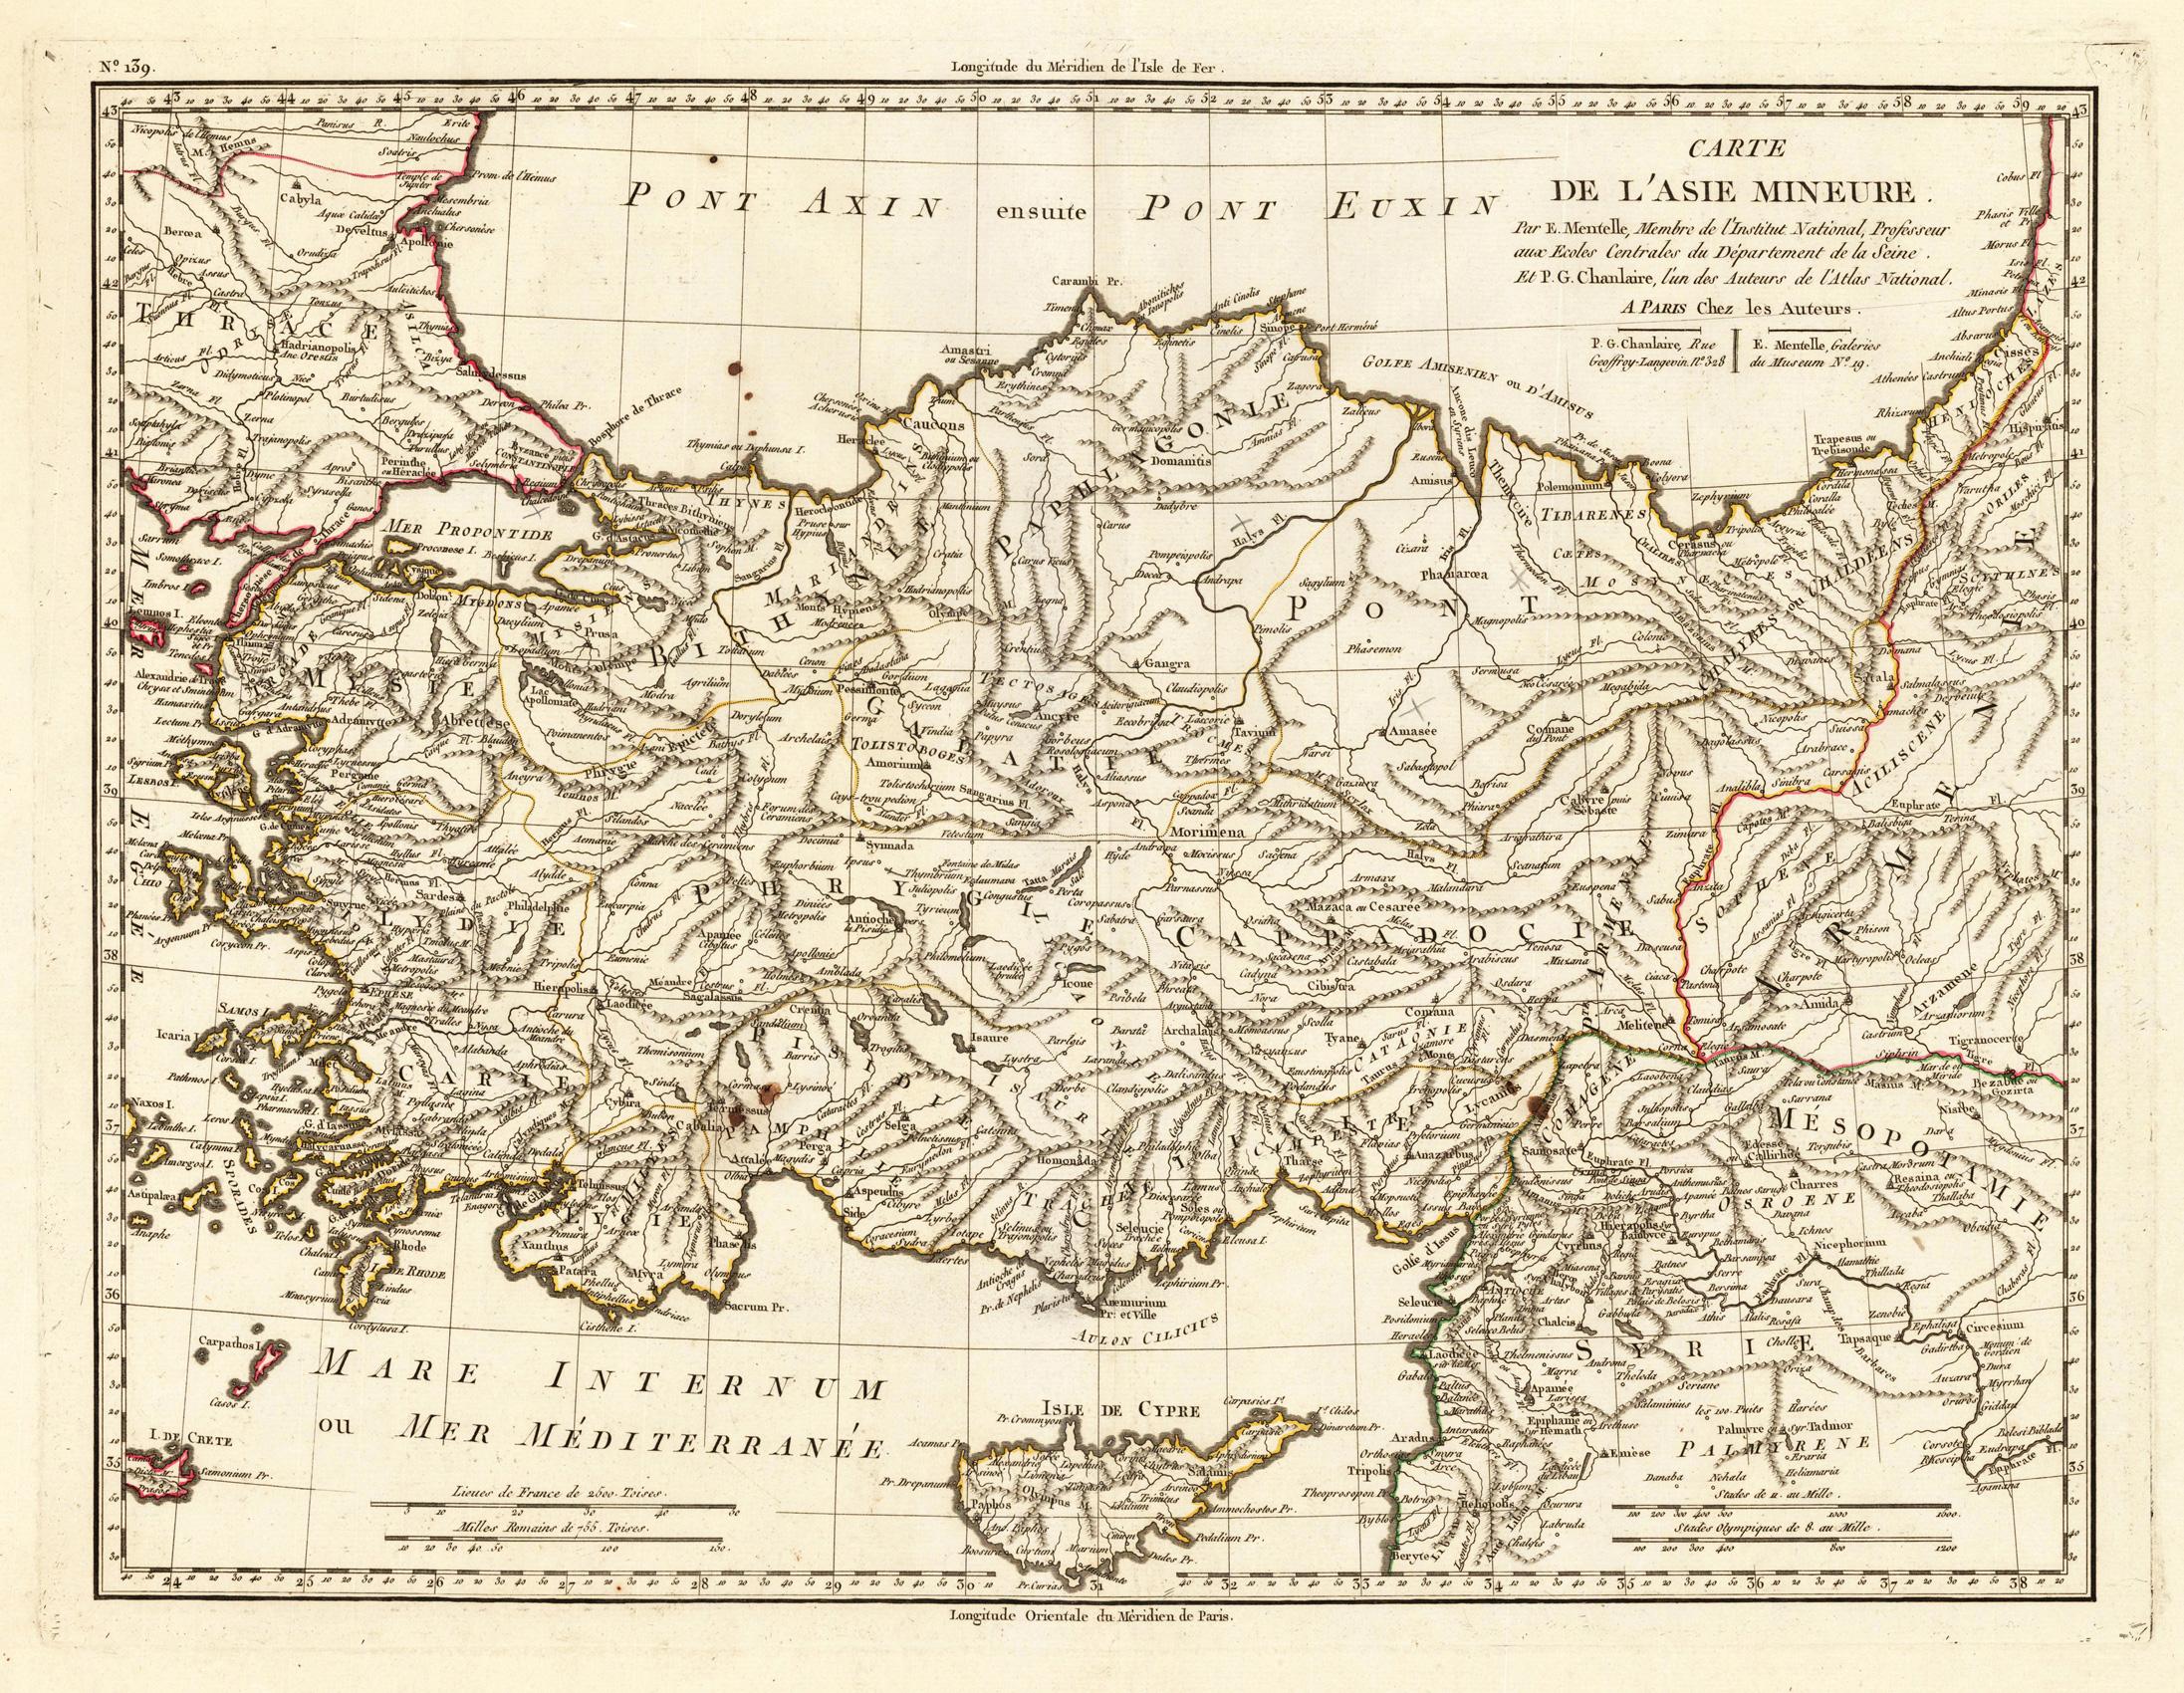 Carte Asie Mineur.Carte De L Asie Mineure Par E Mentelle